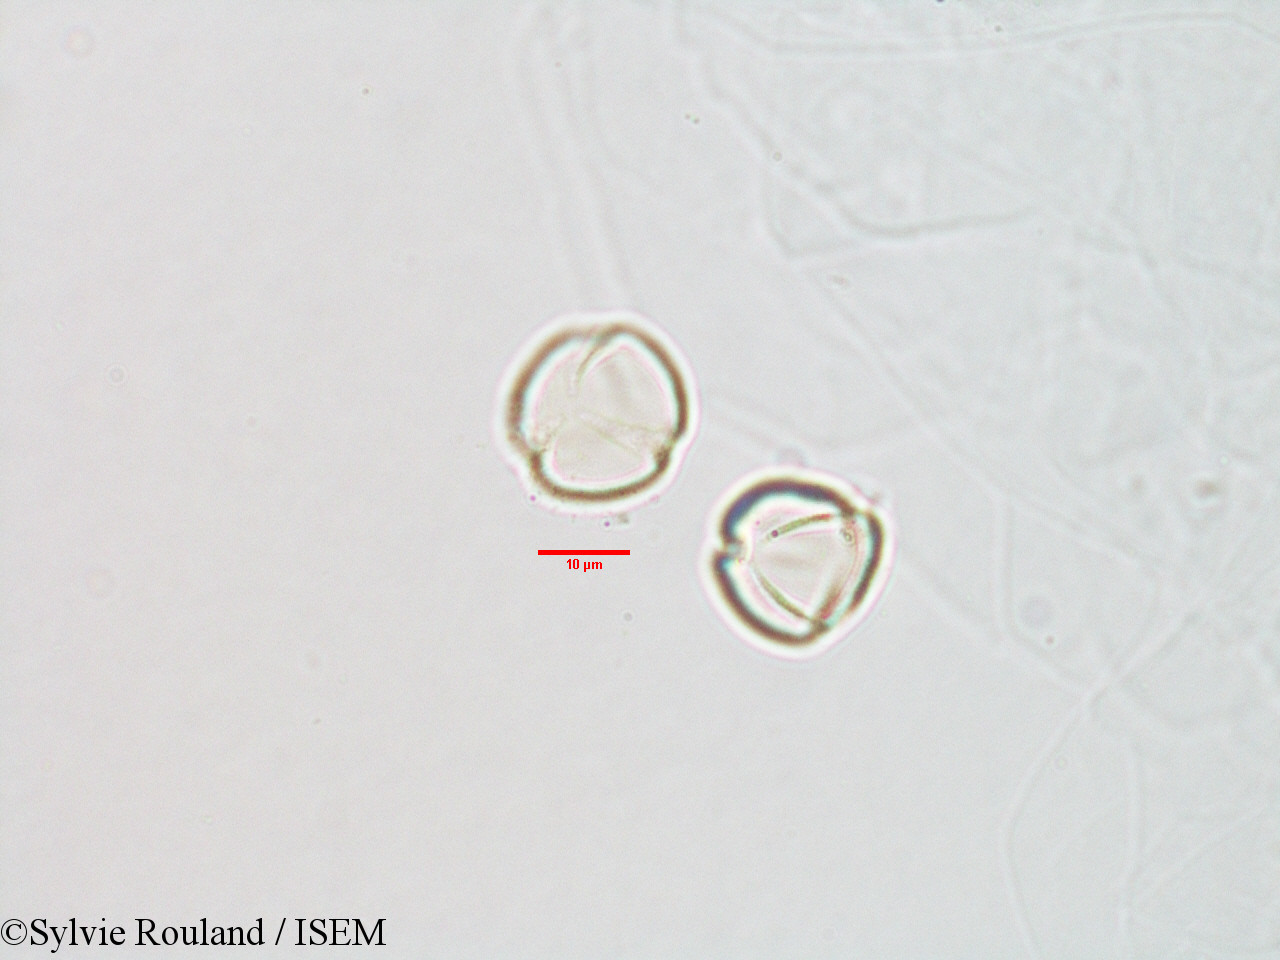 Sylvie.Rouland/Streptocarpus_paniculatus_3070/Streptocarpus_paniculatus_3070_0001(copy).jpg